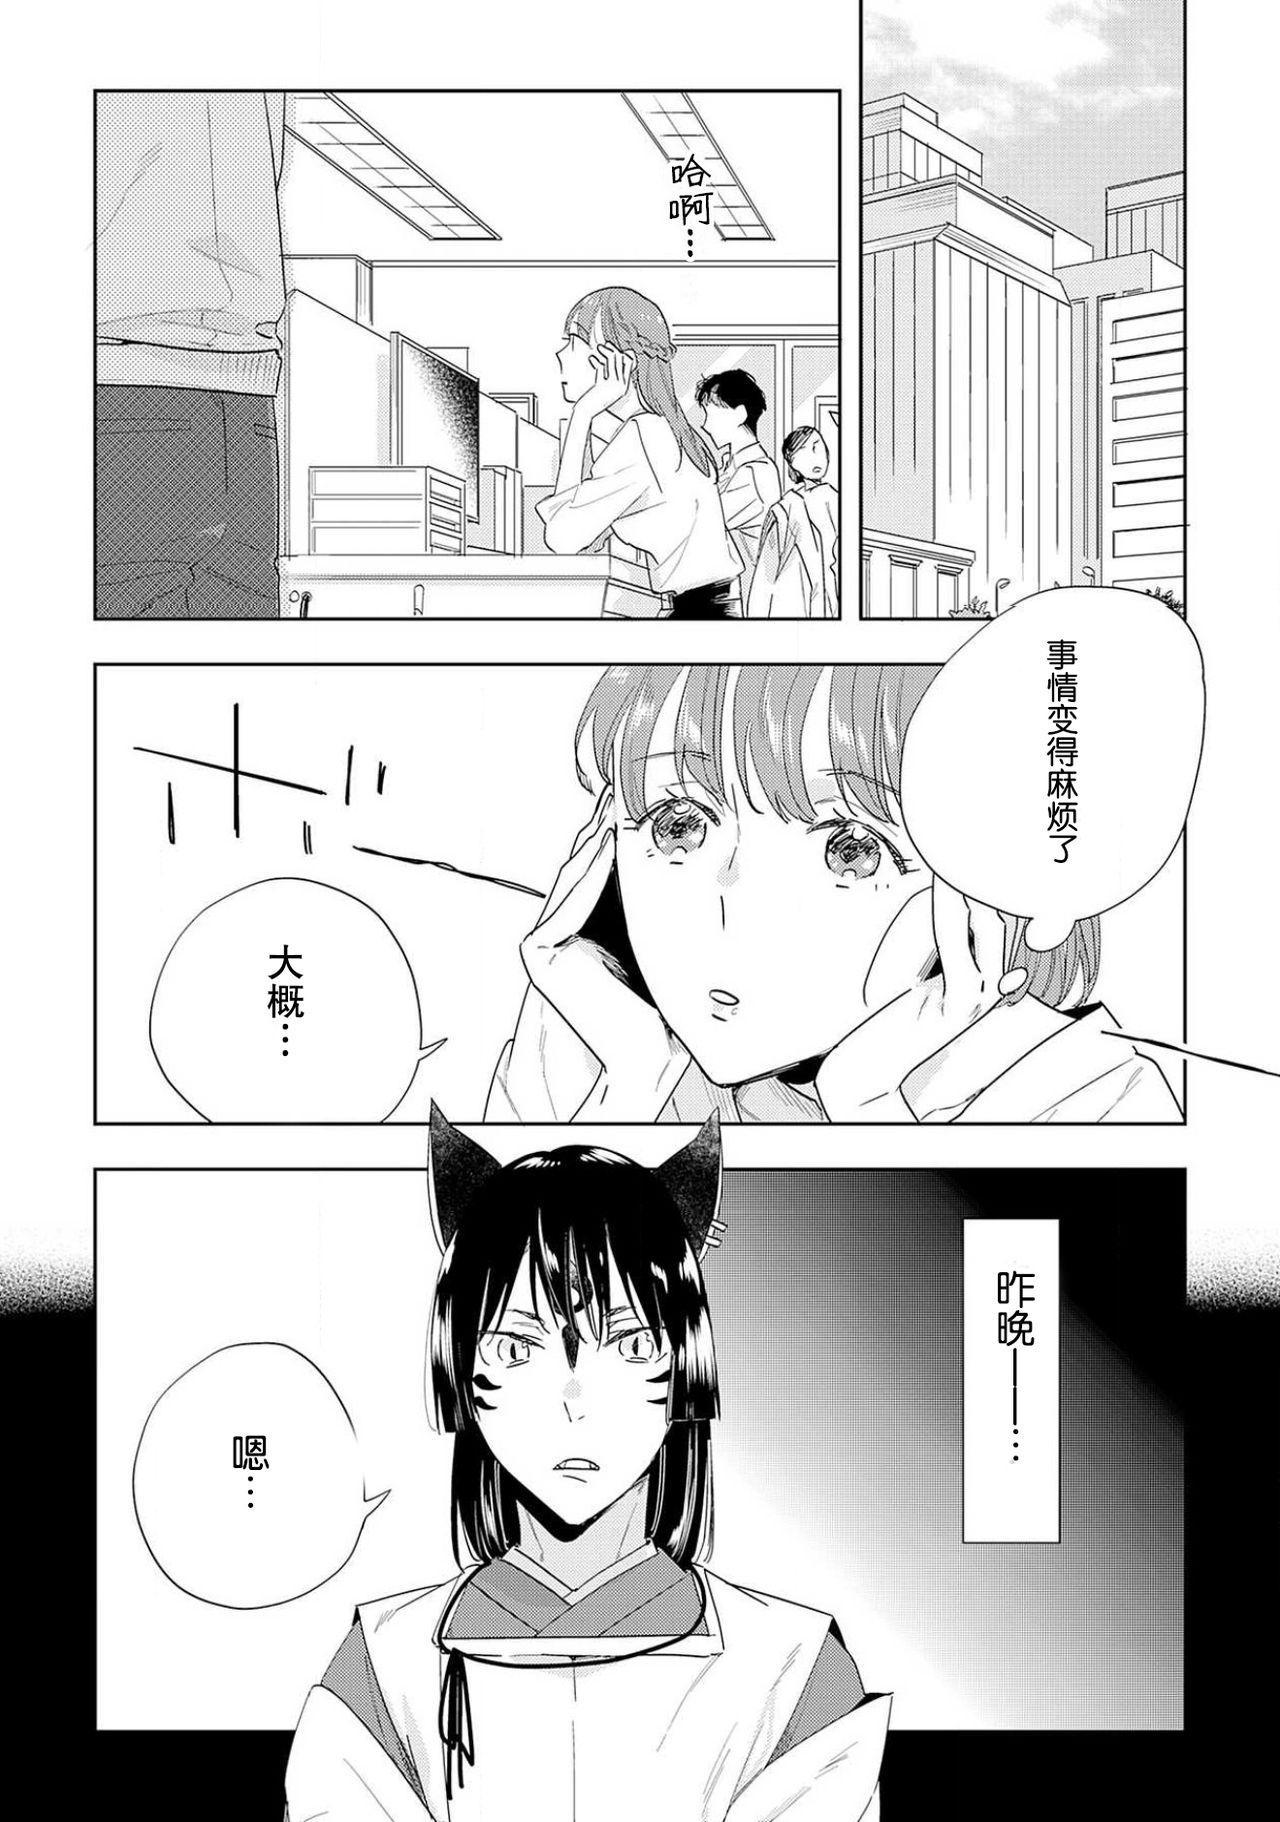 [Hachikawa Kyuu] Kami-sama to Ikenie H Keiyaku Shichaimashita | 我与神明大人签订了祭品H契约 1-3 [Chinese] [莉赛特汉化组] 28